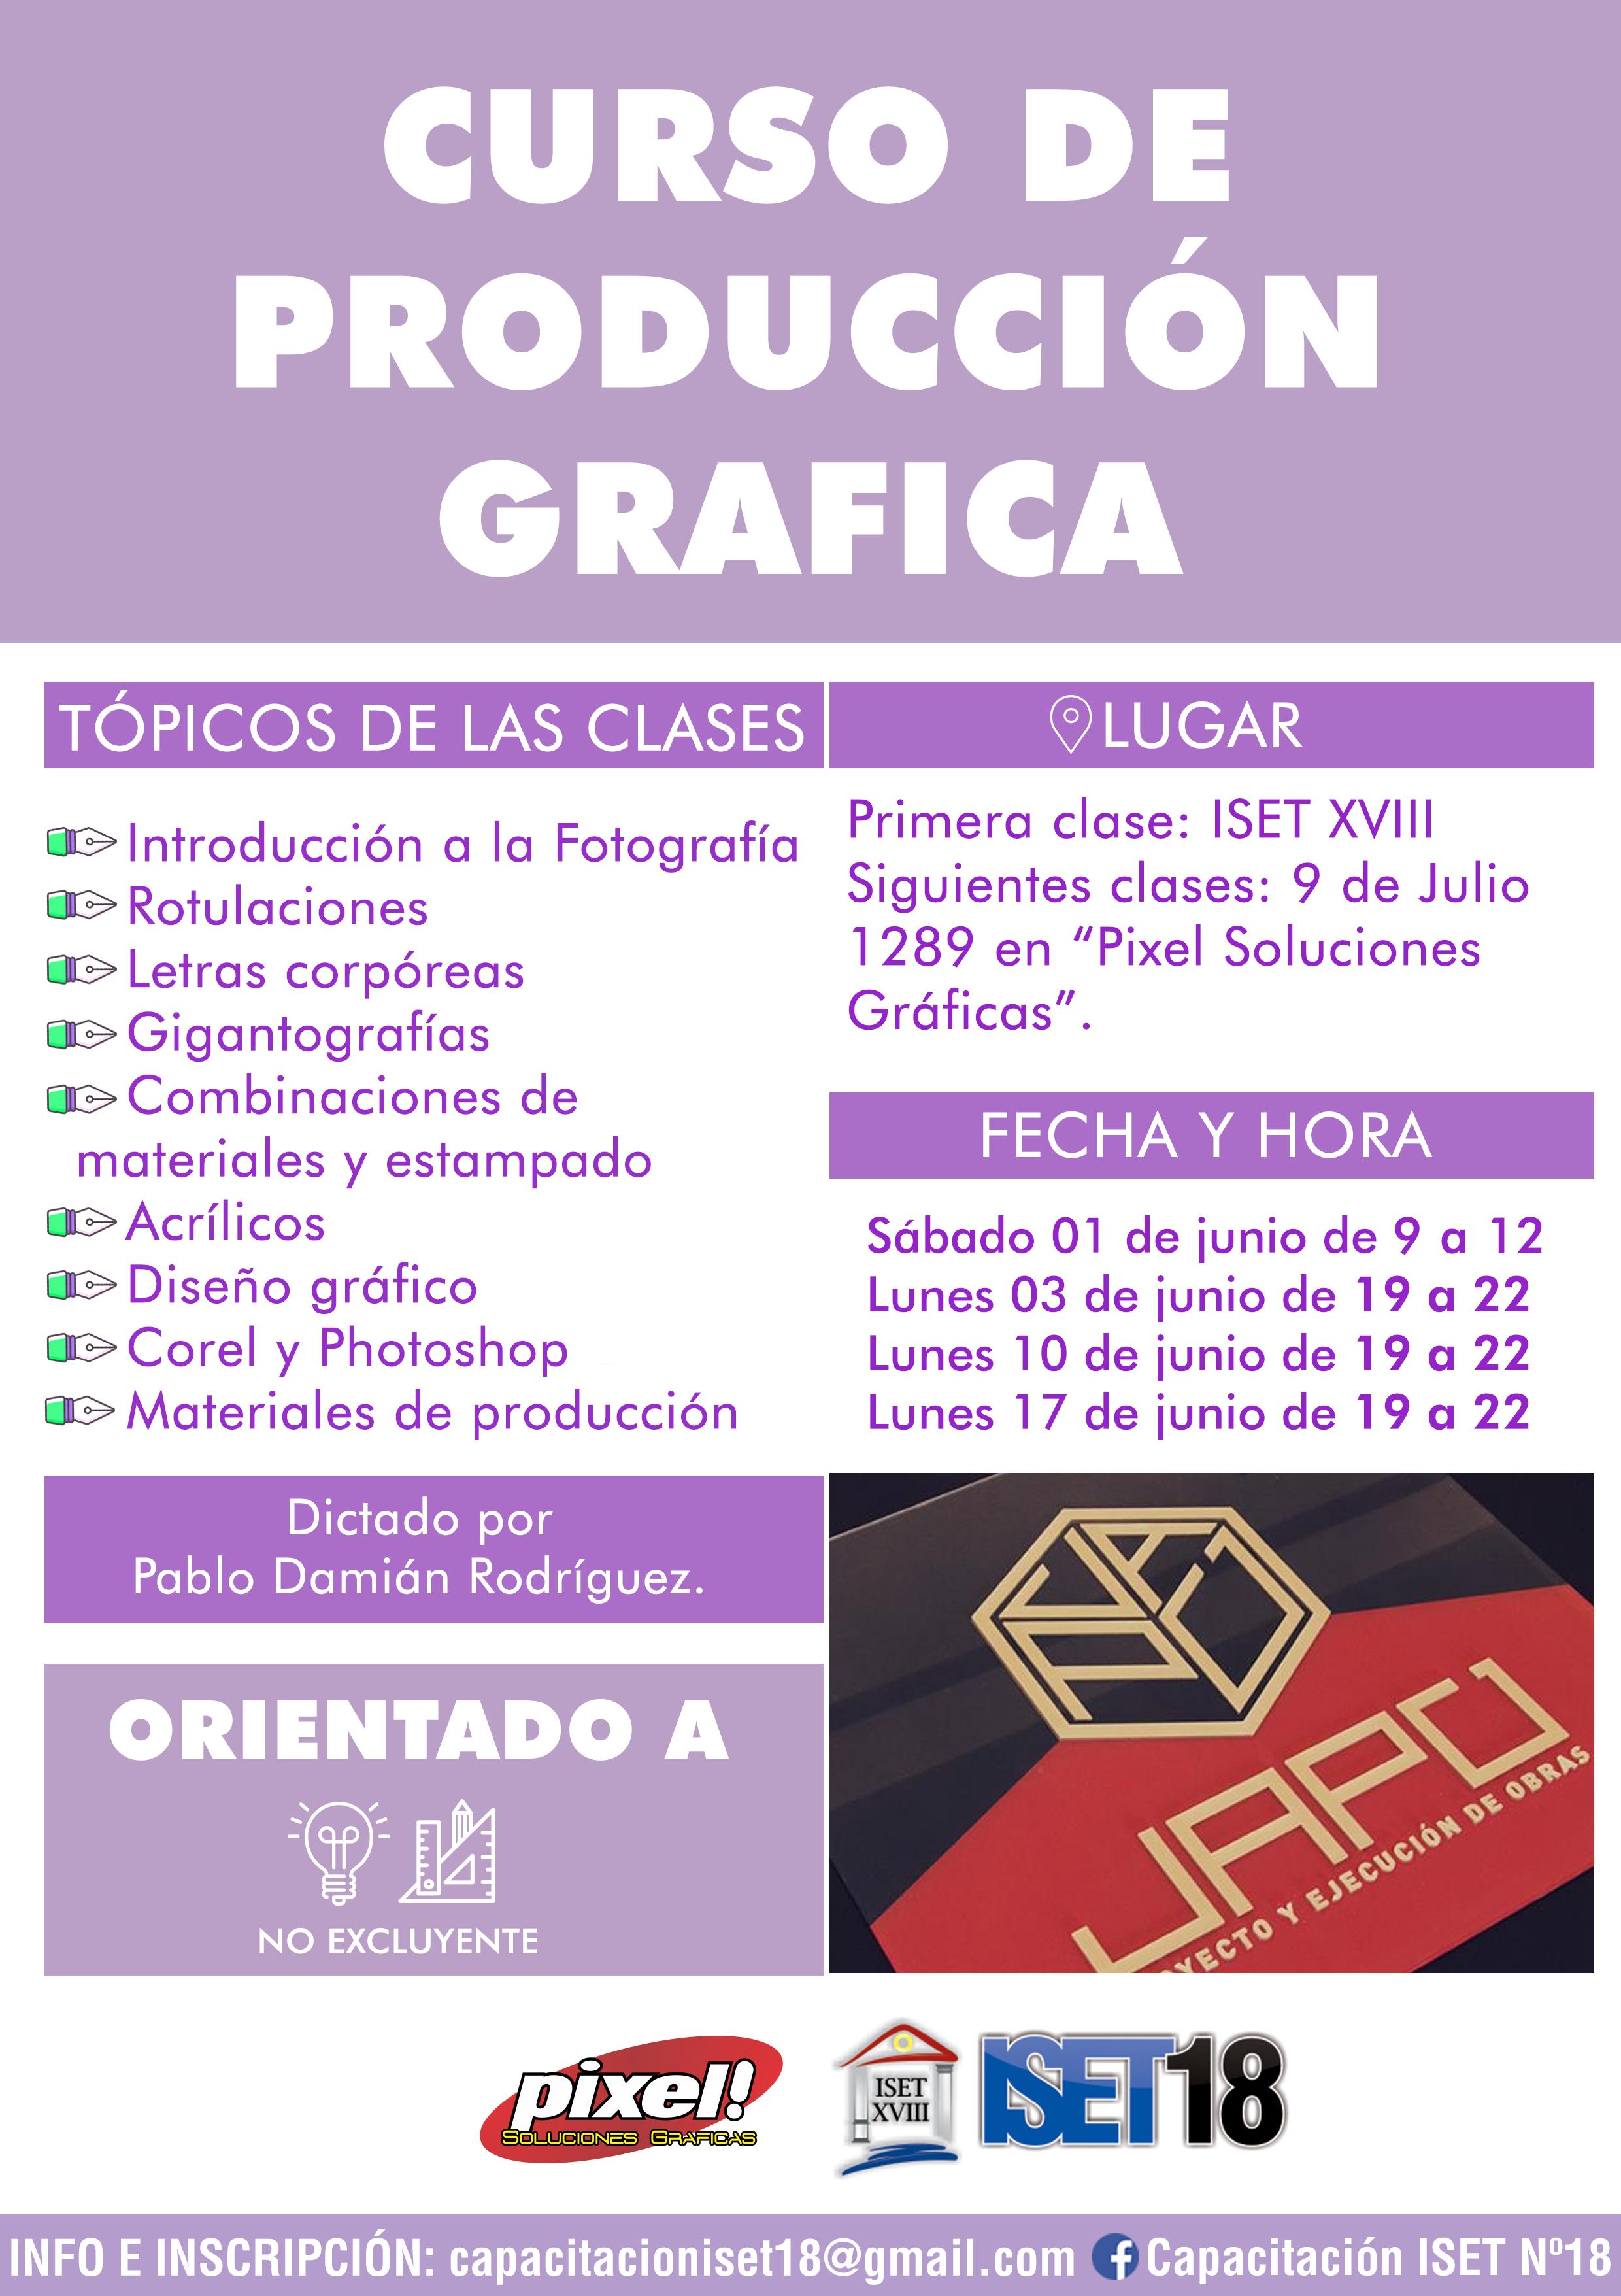 Curso de PRODUCCIÓN GRÁFICA